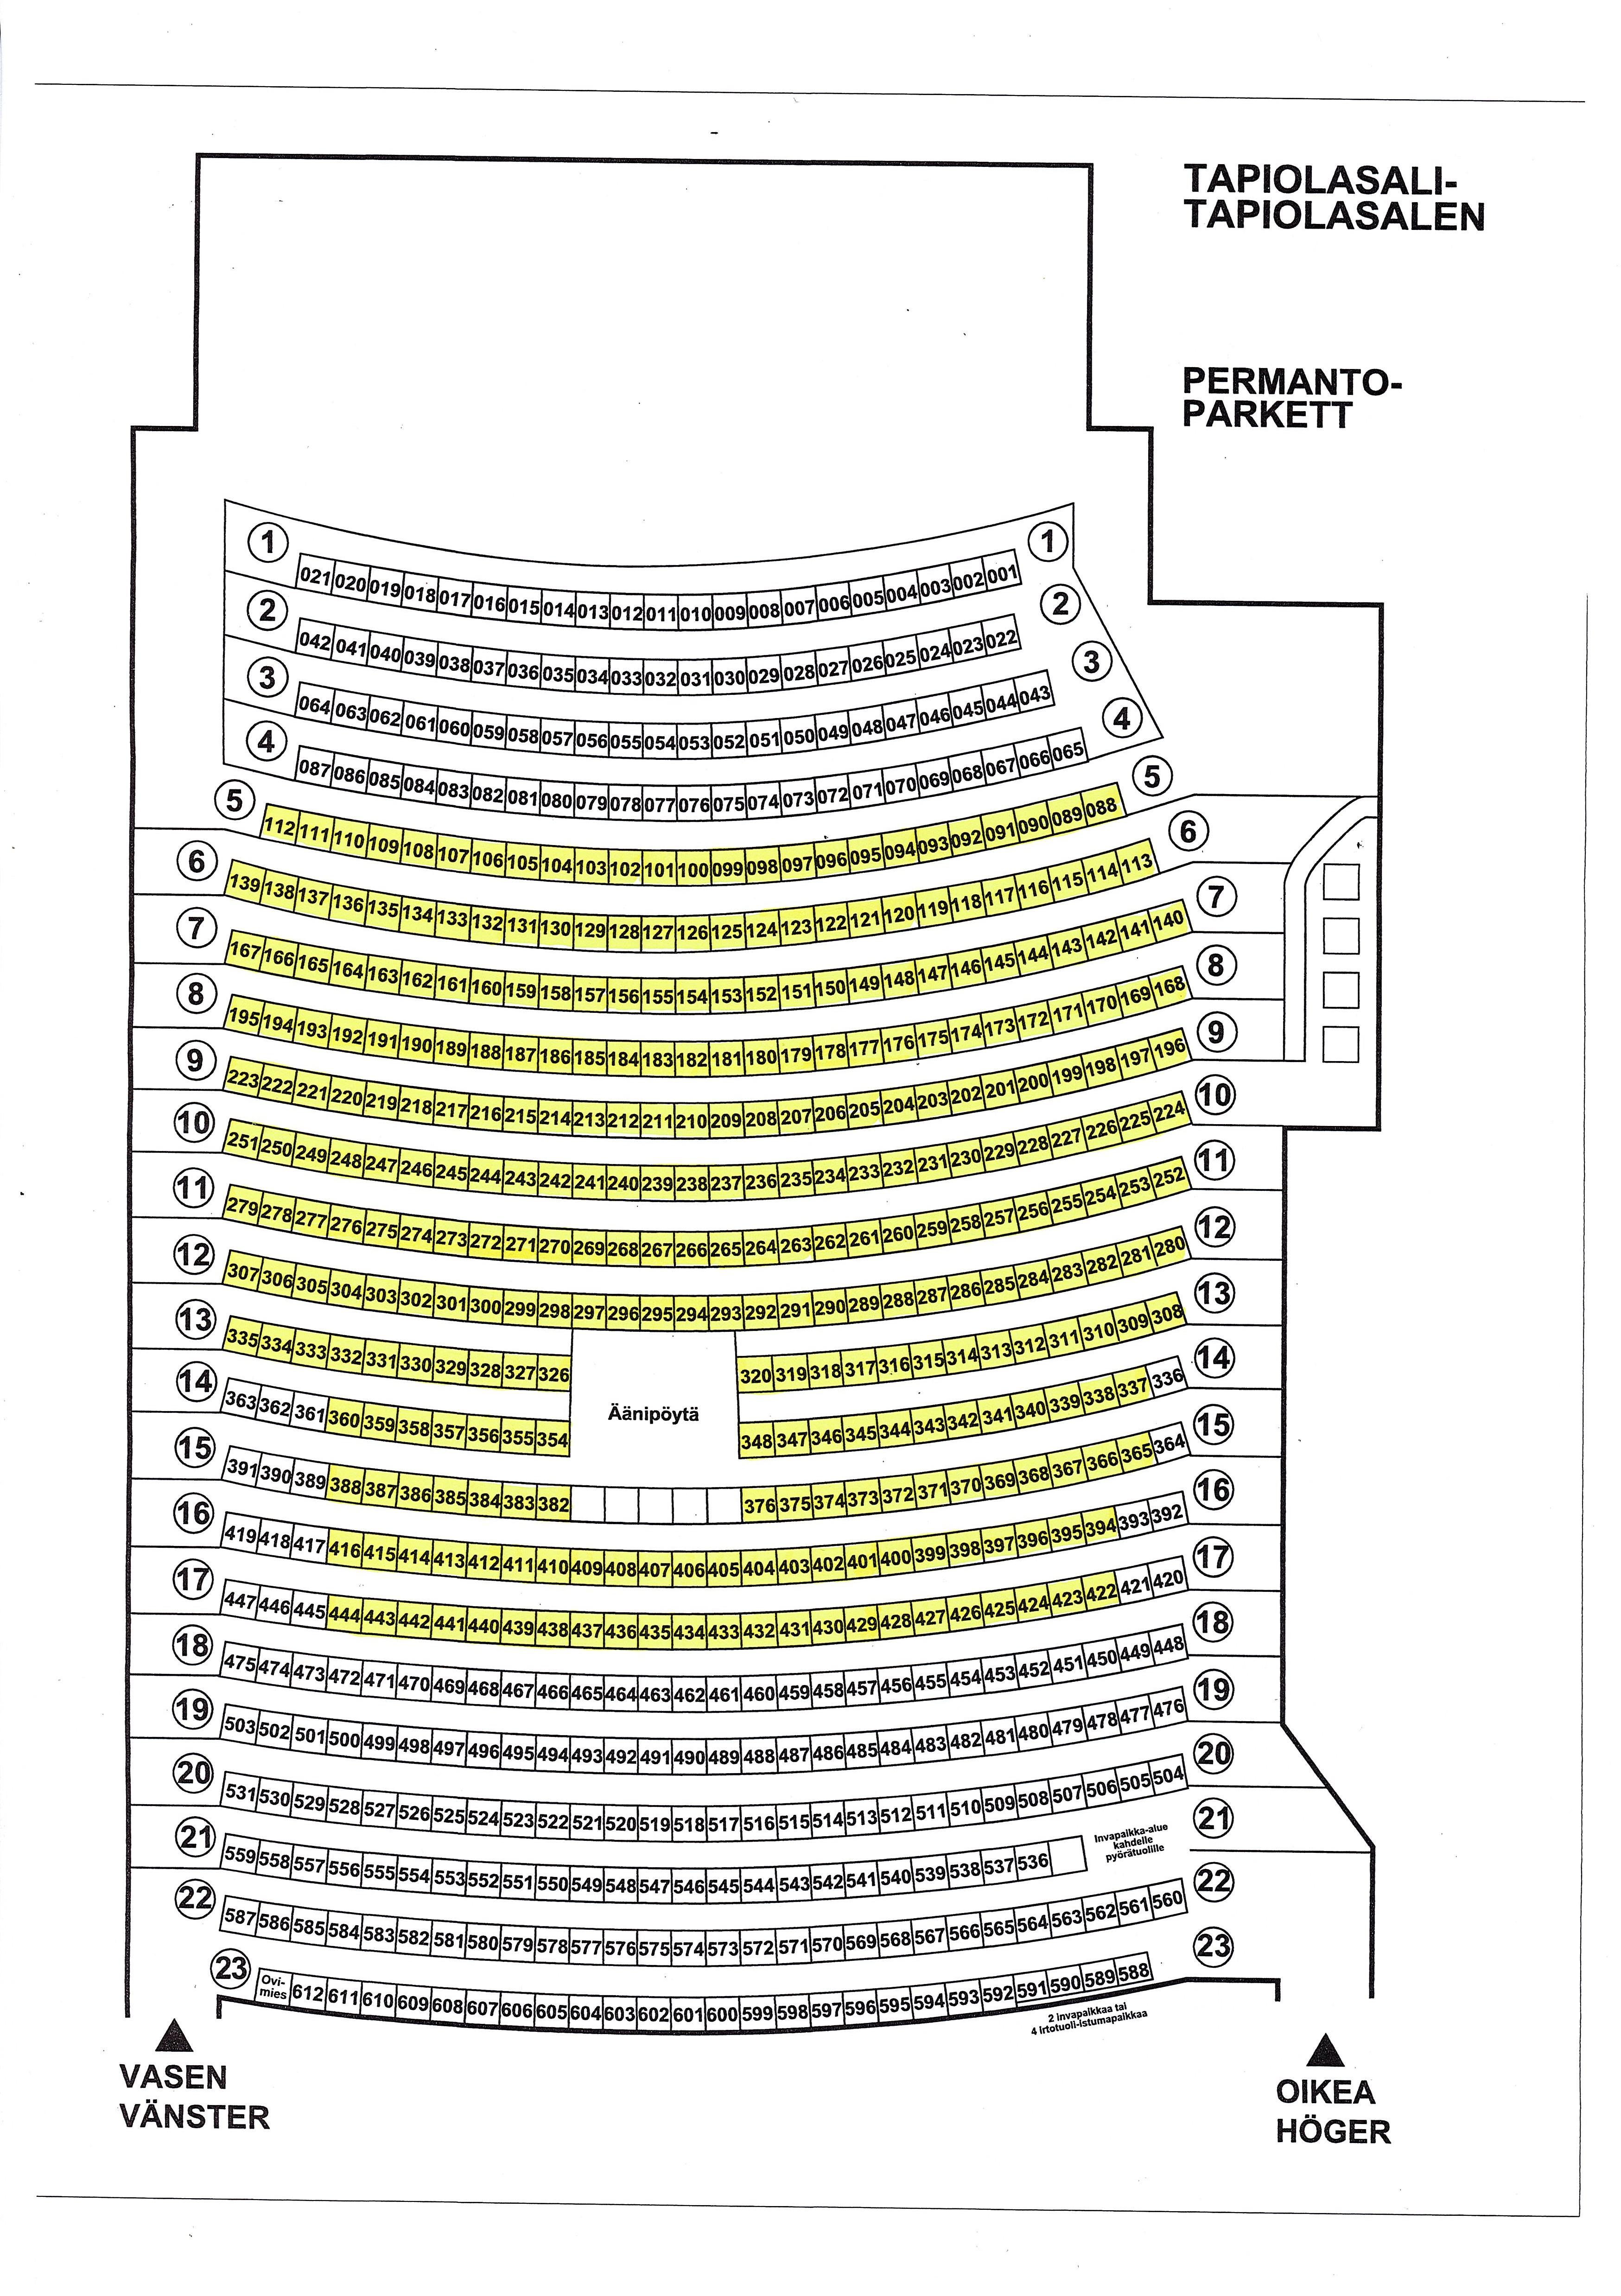 Tapiola Hall Espoon Kaupunginteatteri